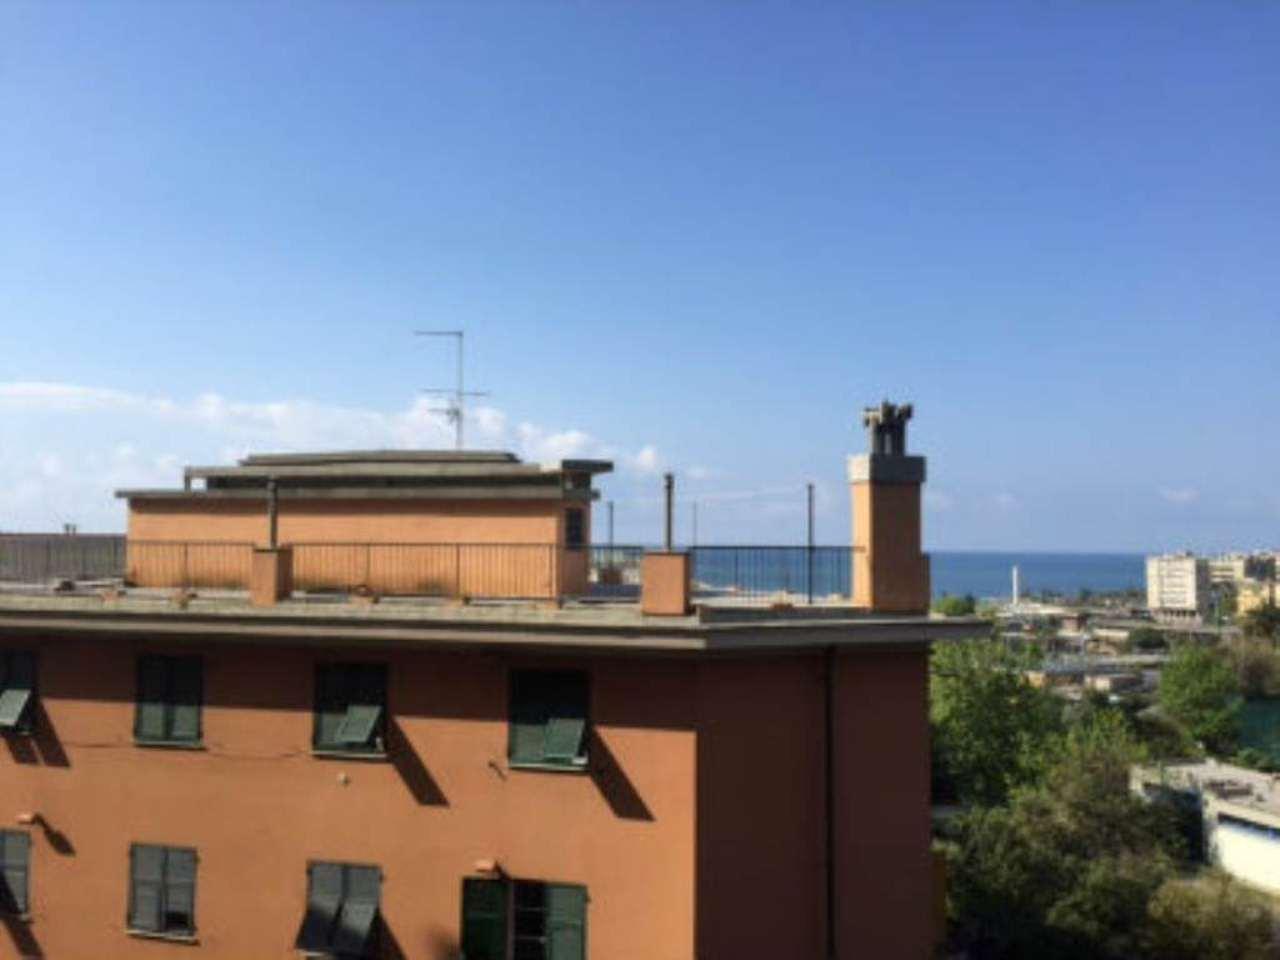 Bilocale Genova Via Reggio 8